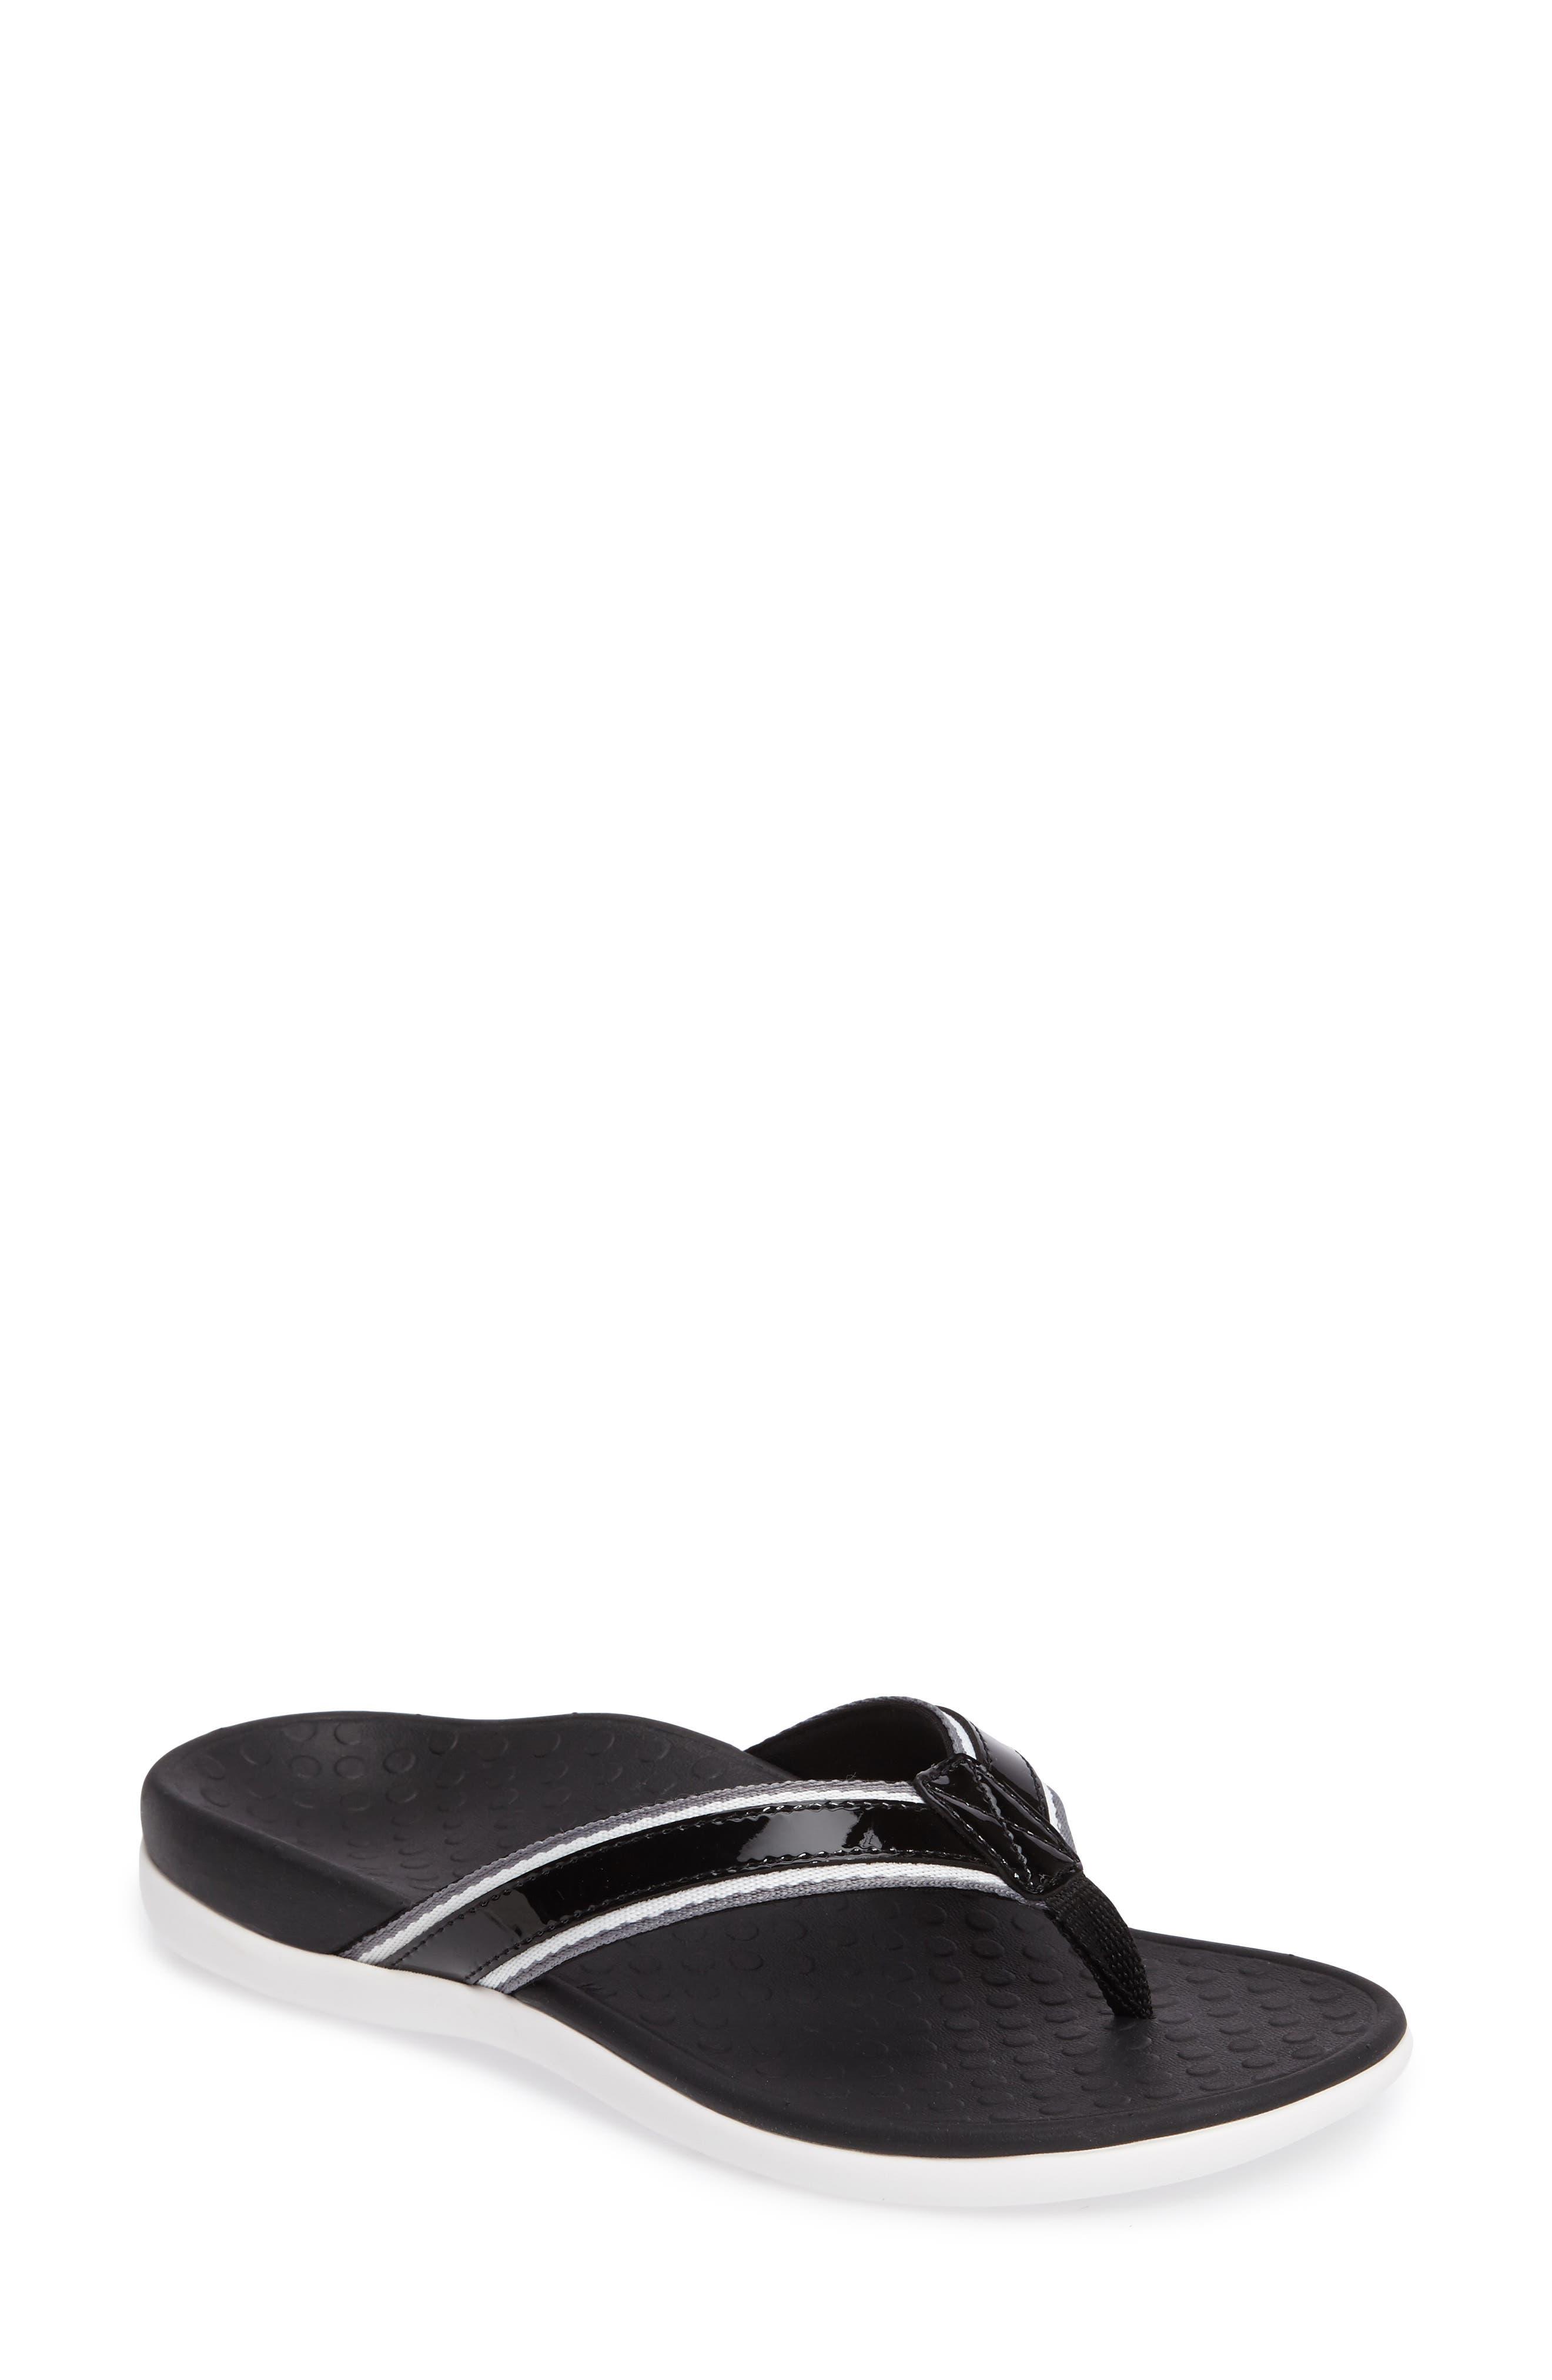 Tide Sport Flip Flop,                         Main,                         color, Black Leather